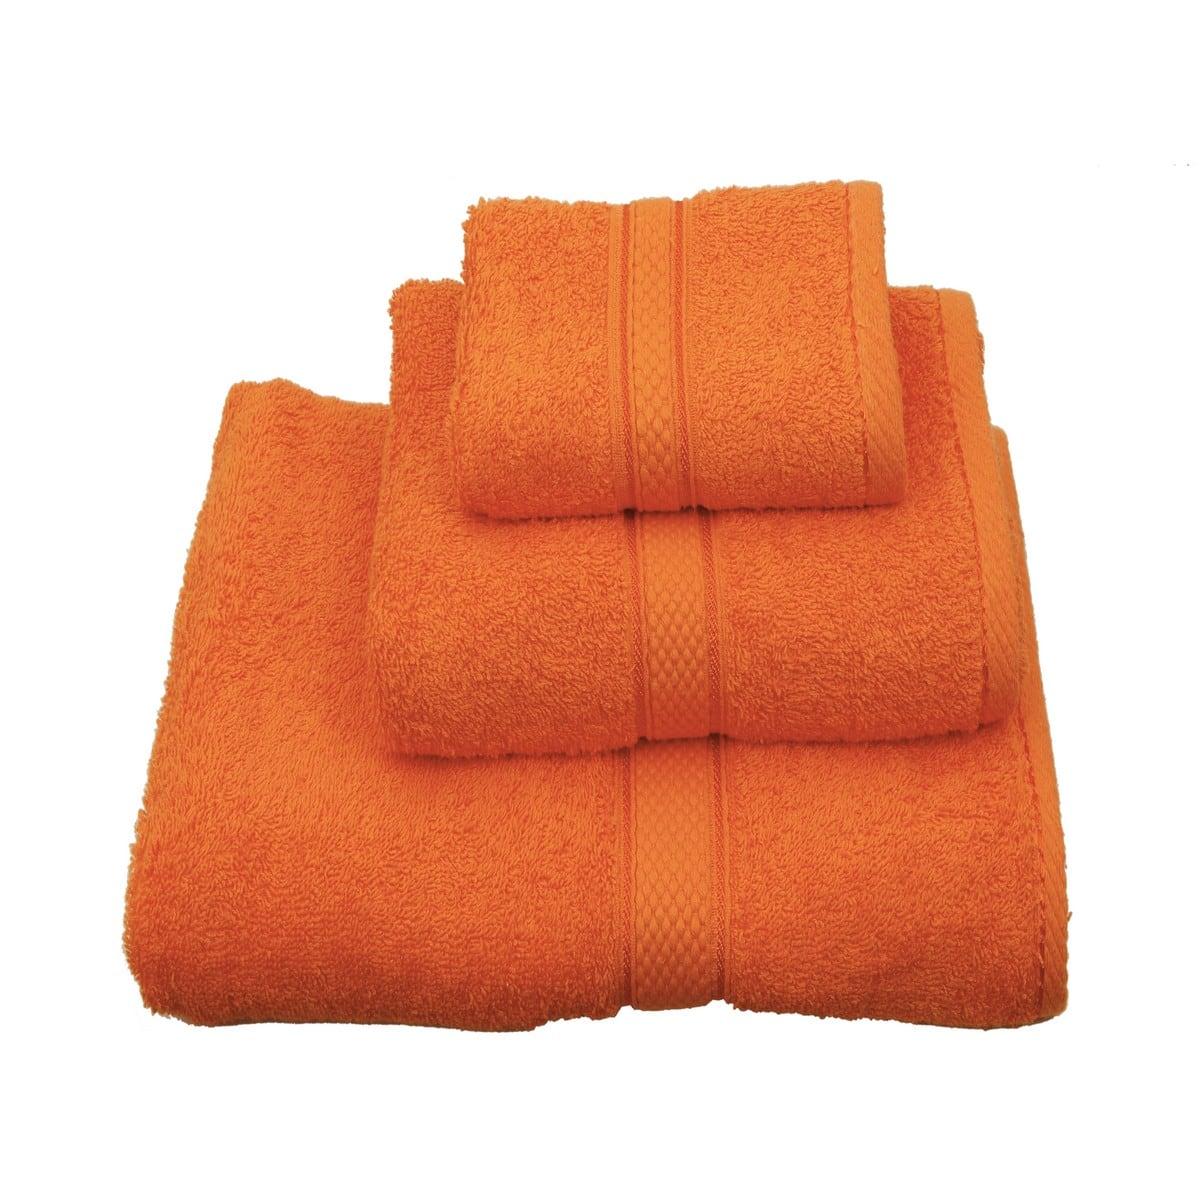 Πετσέτα Classic Πορτοκαλί Viopros Σώματος 80x160cm